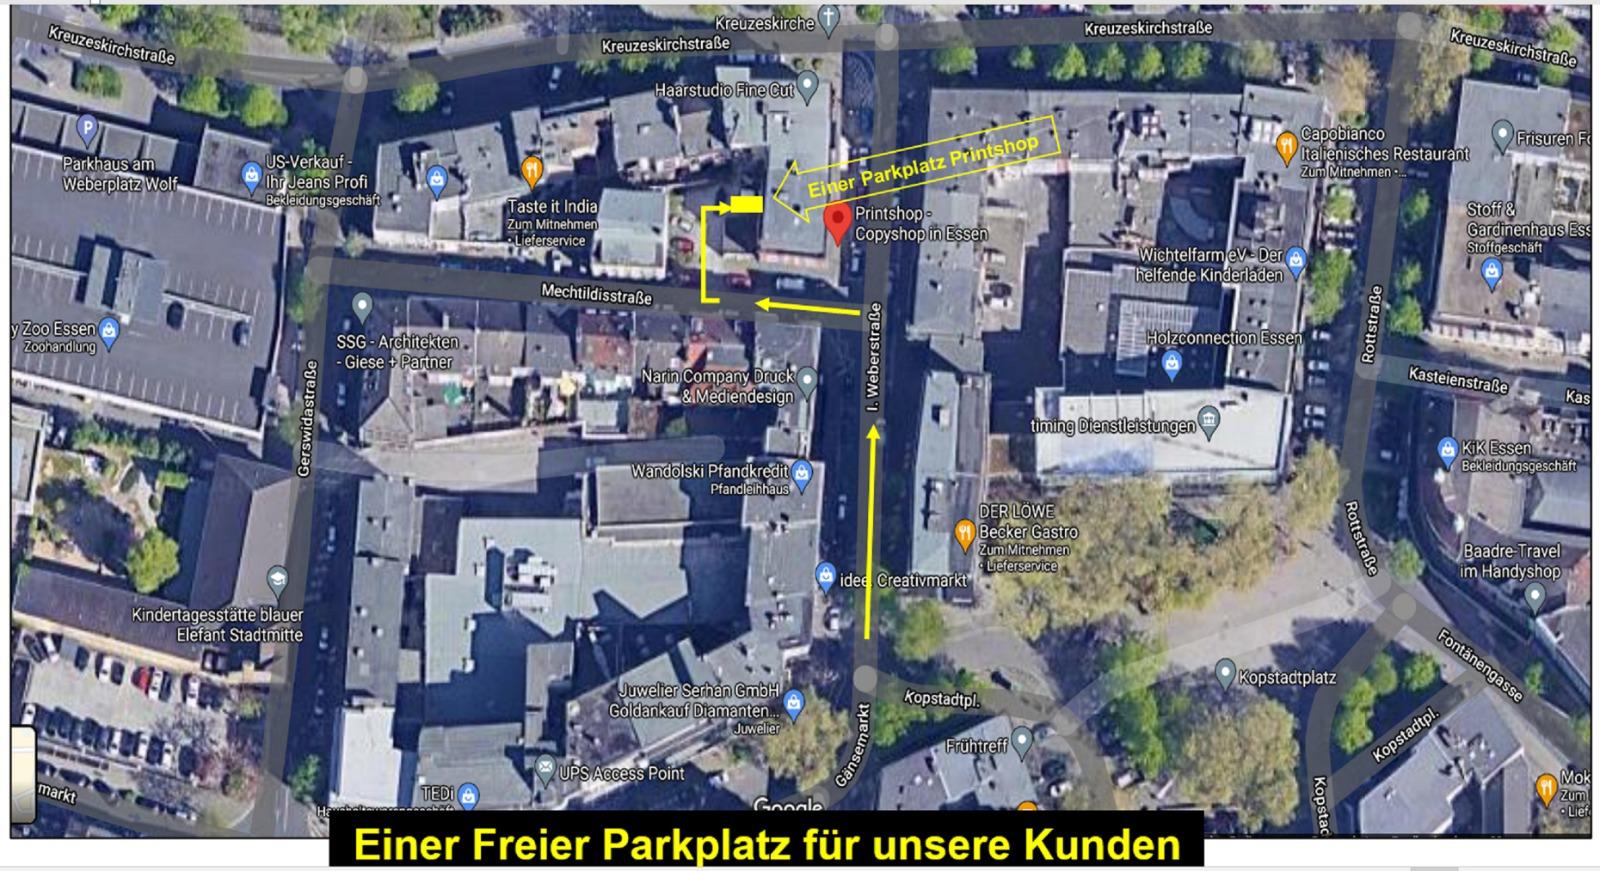 Printshop_in_essen_parkplatz